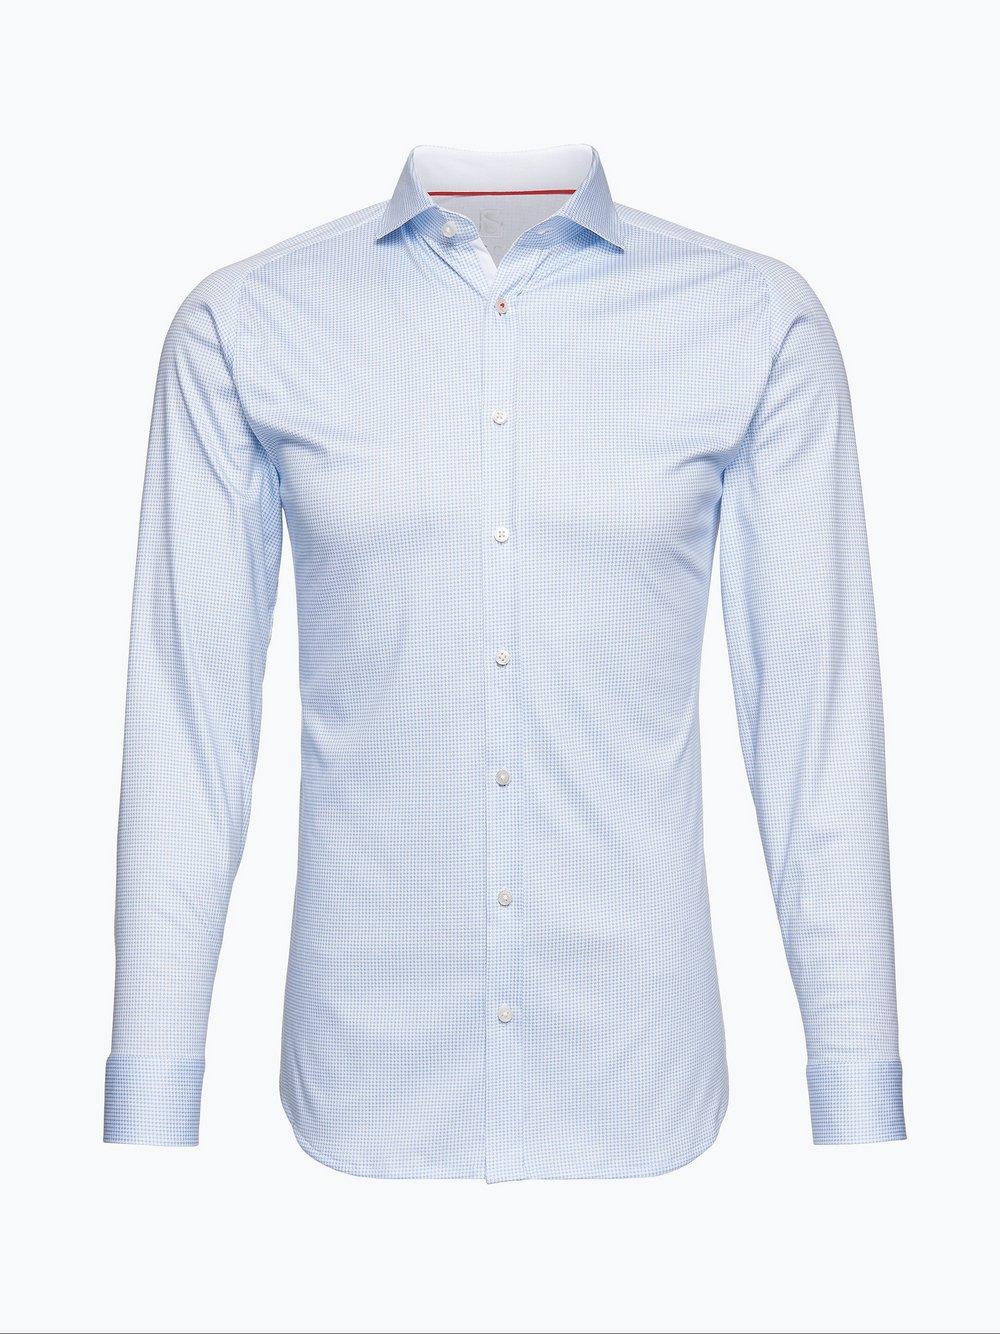 448d0e483d1c Desoto Herren Hemd Bügelfrei  2  online kaufen   PEEK-UND-CLOPPENBURG.DE